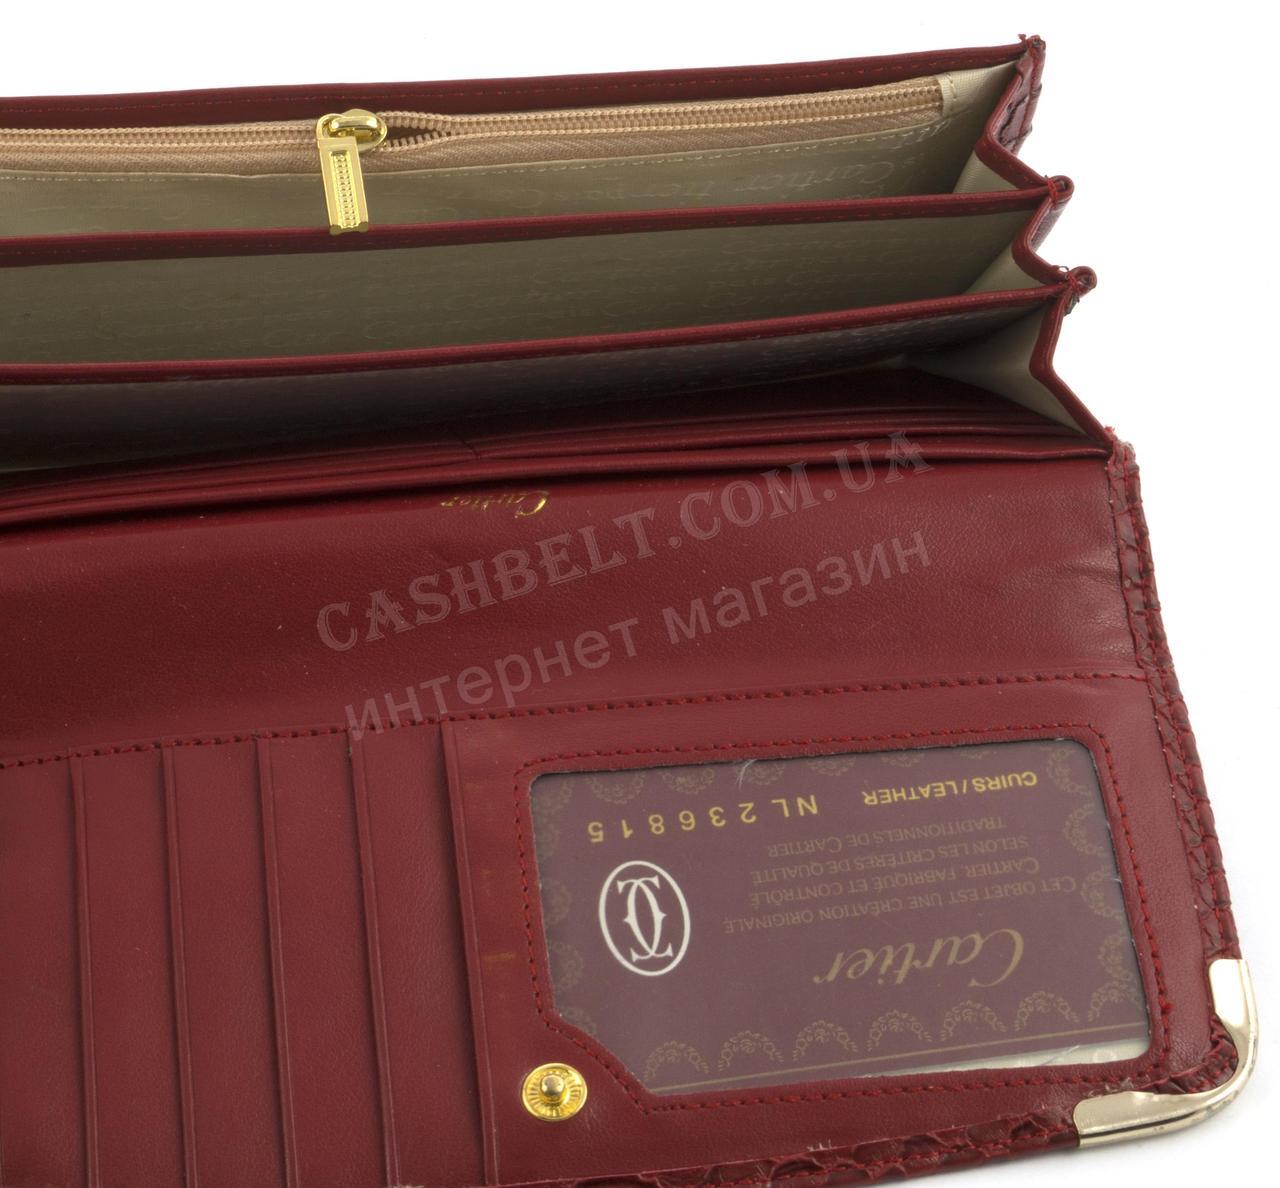 26f987e6841f 2002 красный, фото 4 Красный стильный оригинальный женский кошелек под  рептилию CARTIER art.